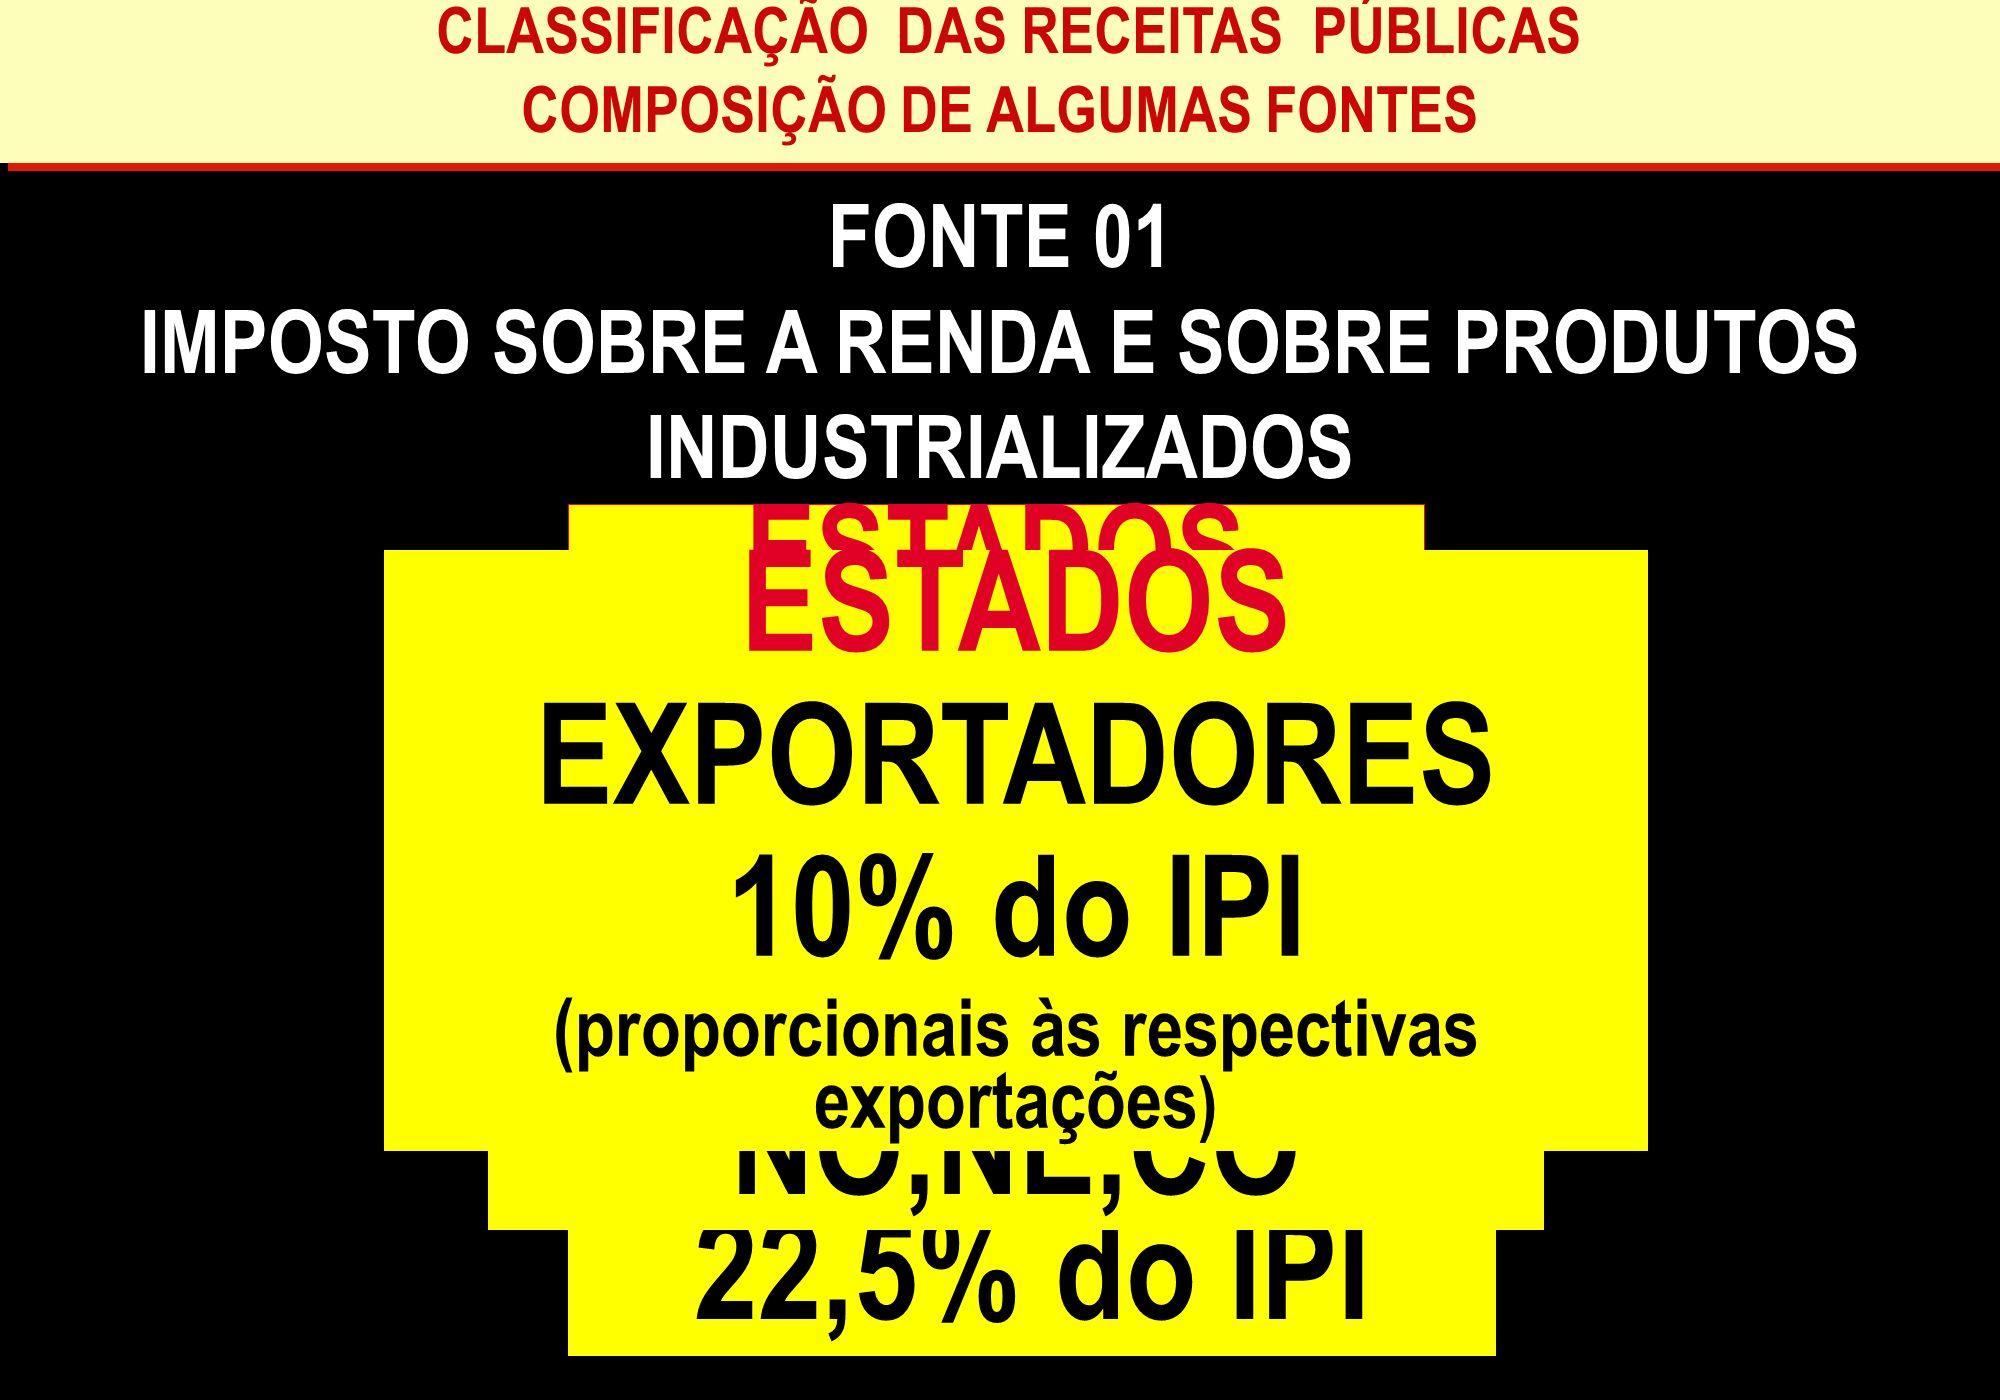 CLASSIFICAÇÃO DAS RECEITAS PÚBLICAS COMPOSIÇÃO DE ALGUMAS FONTES CLASSIFICAÇÃO DAS RECEITAS PÚBLICAS COMPOSIÇÃO DE ALGUMAS FONTES FONTE 01 IMPOSTO SOB